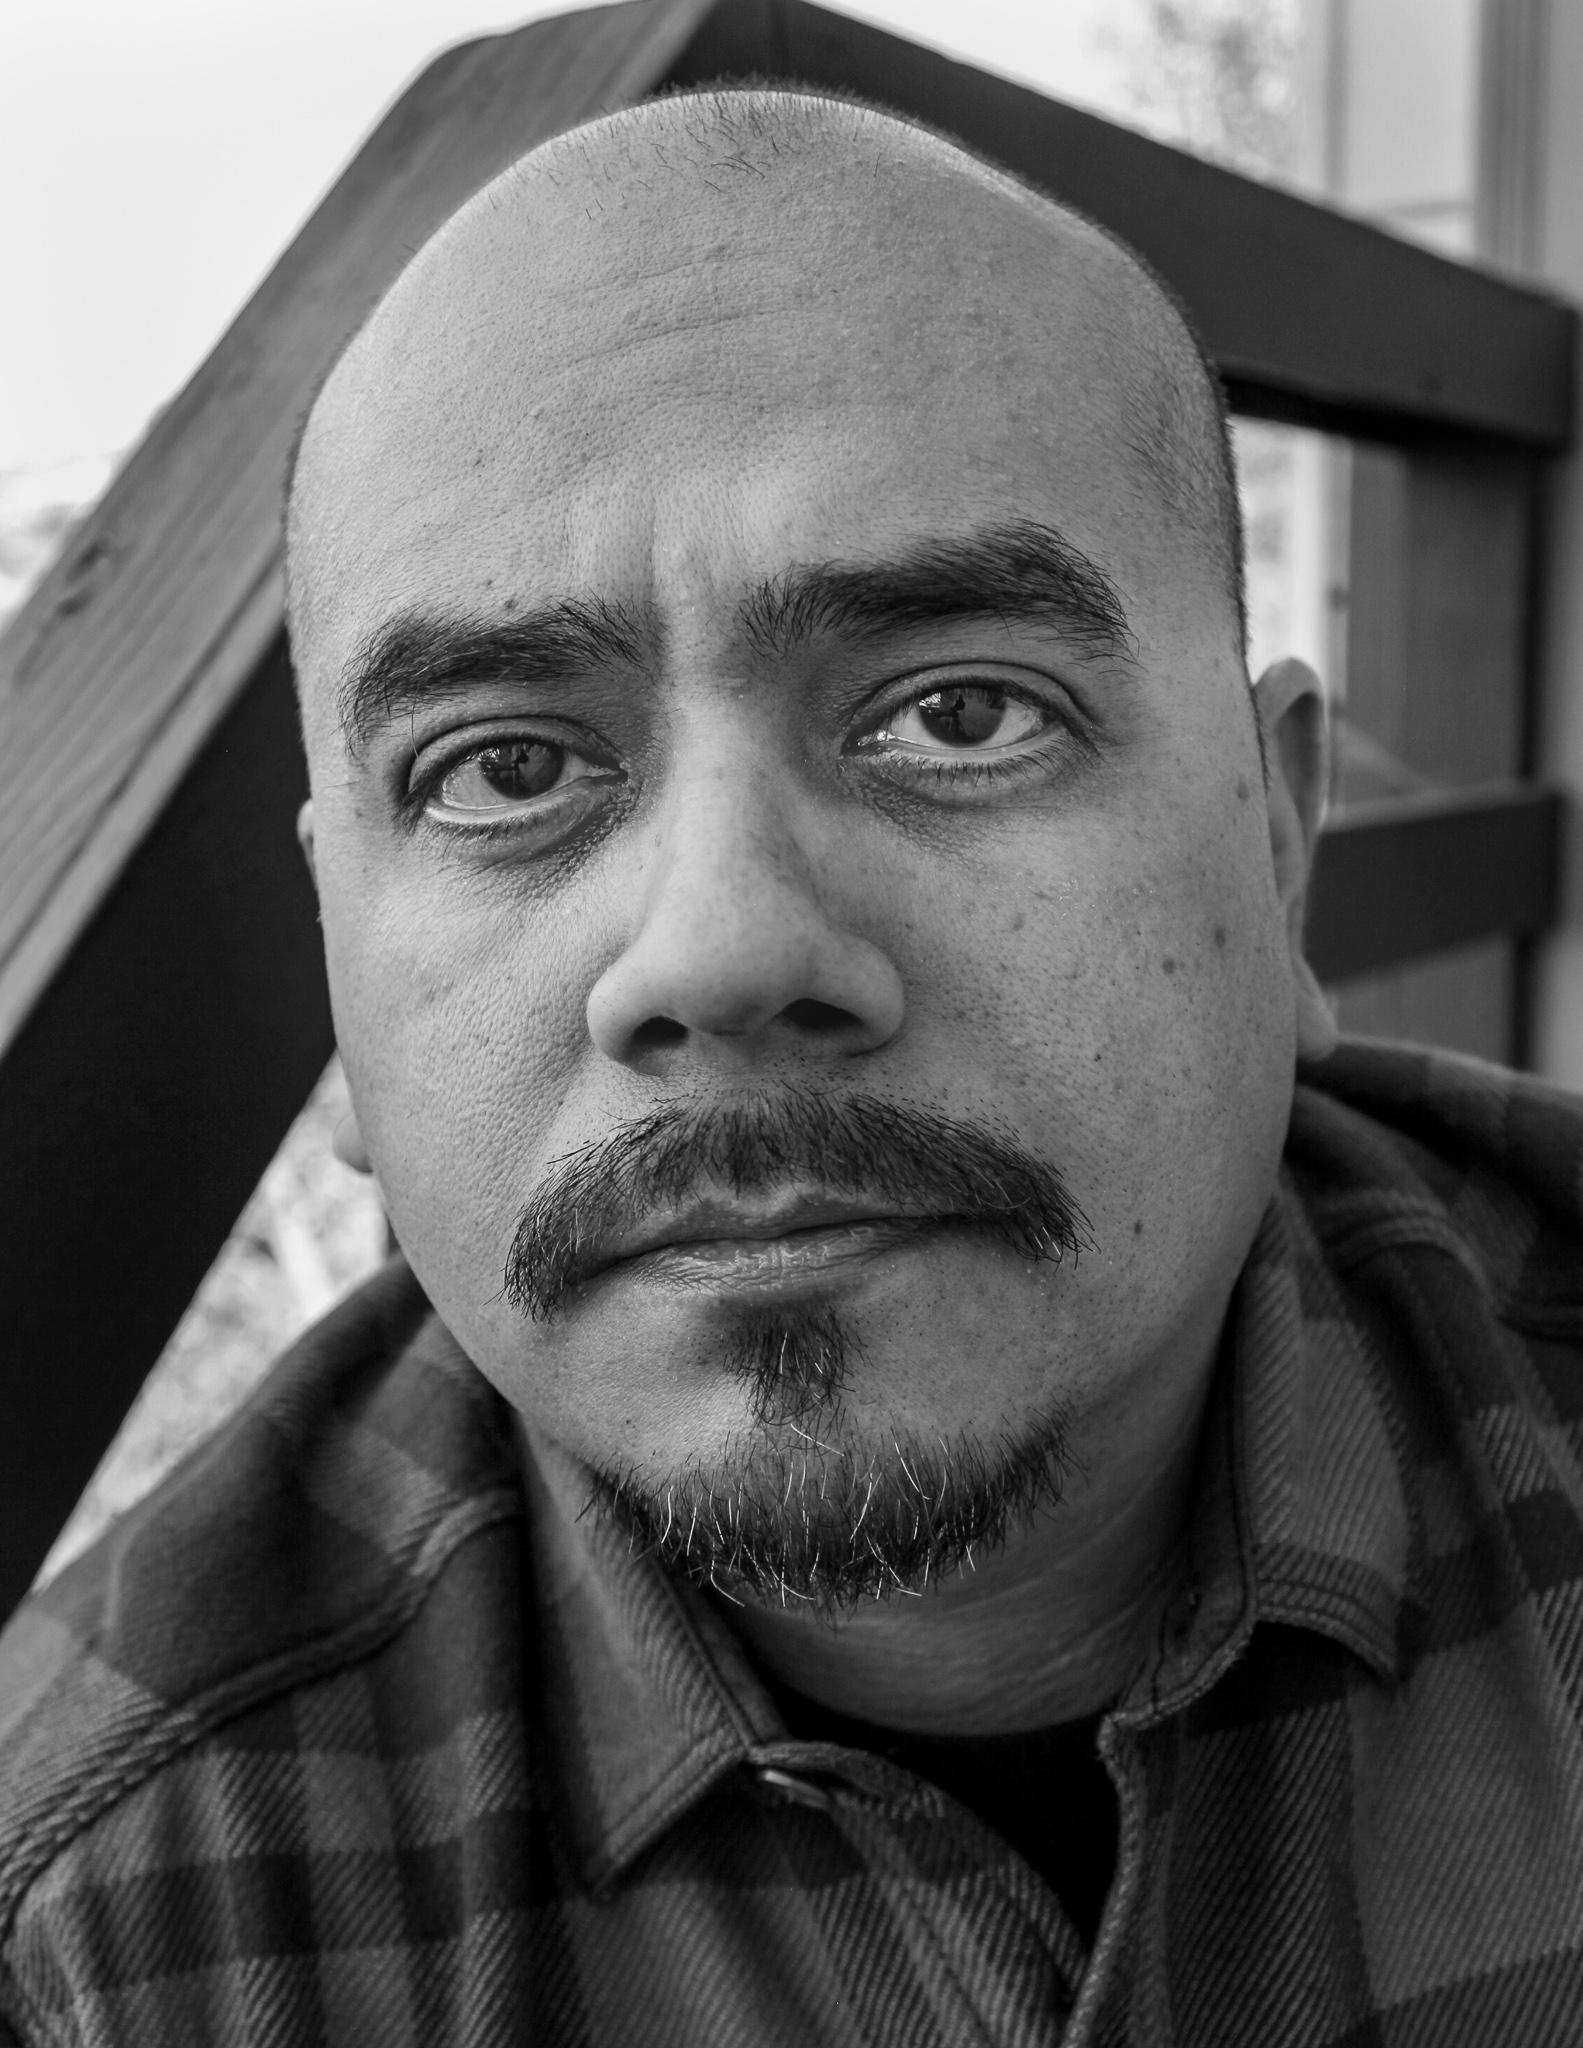 Kristoffer Barrera / Composer & Stage Manager